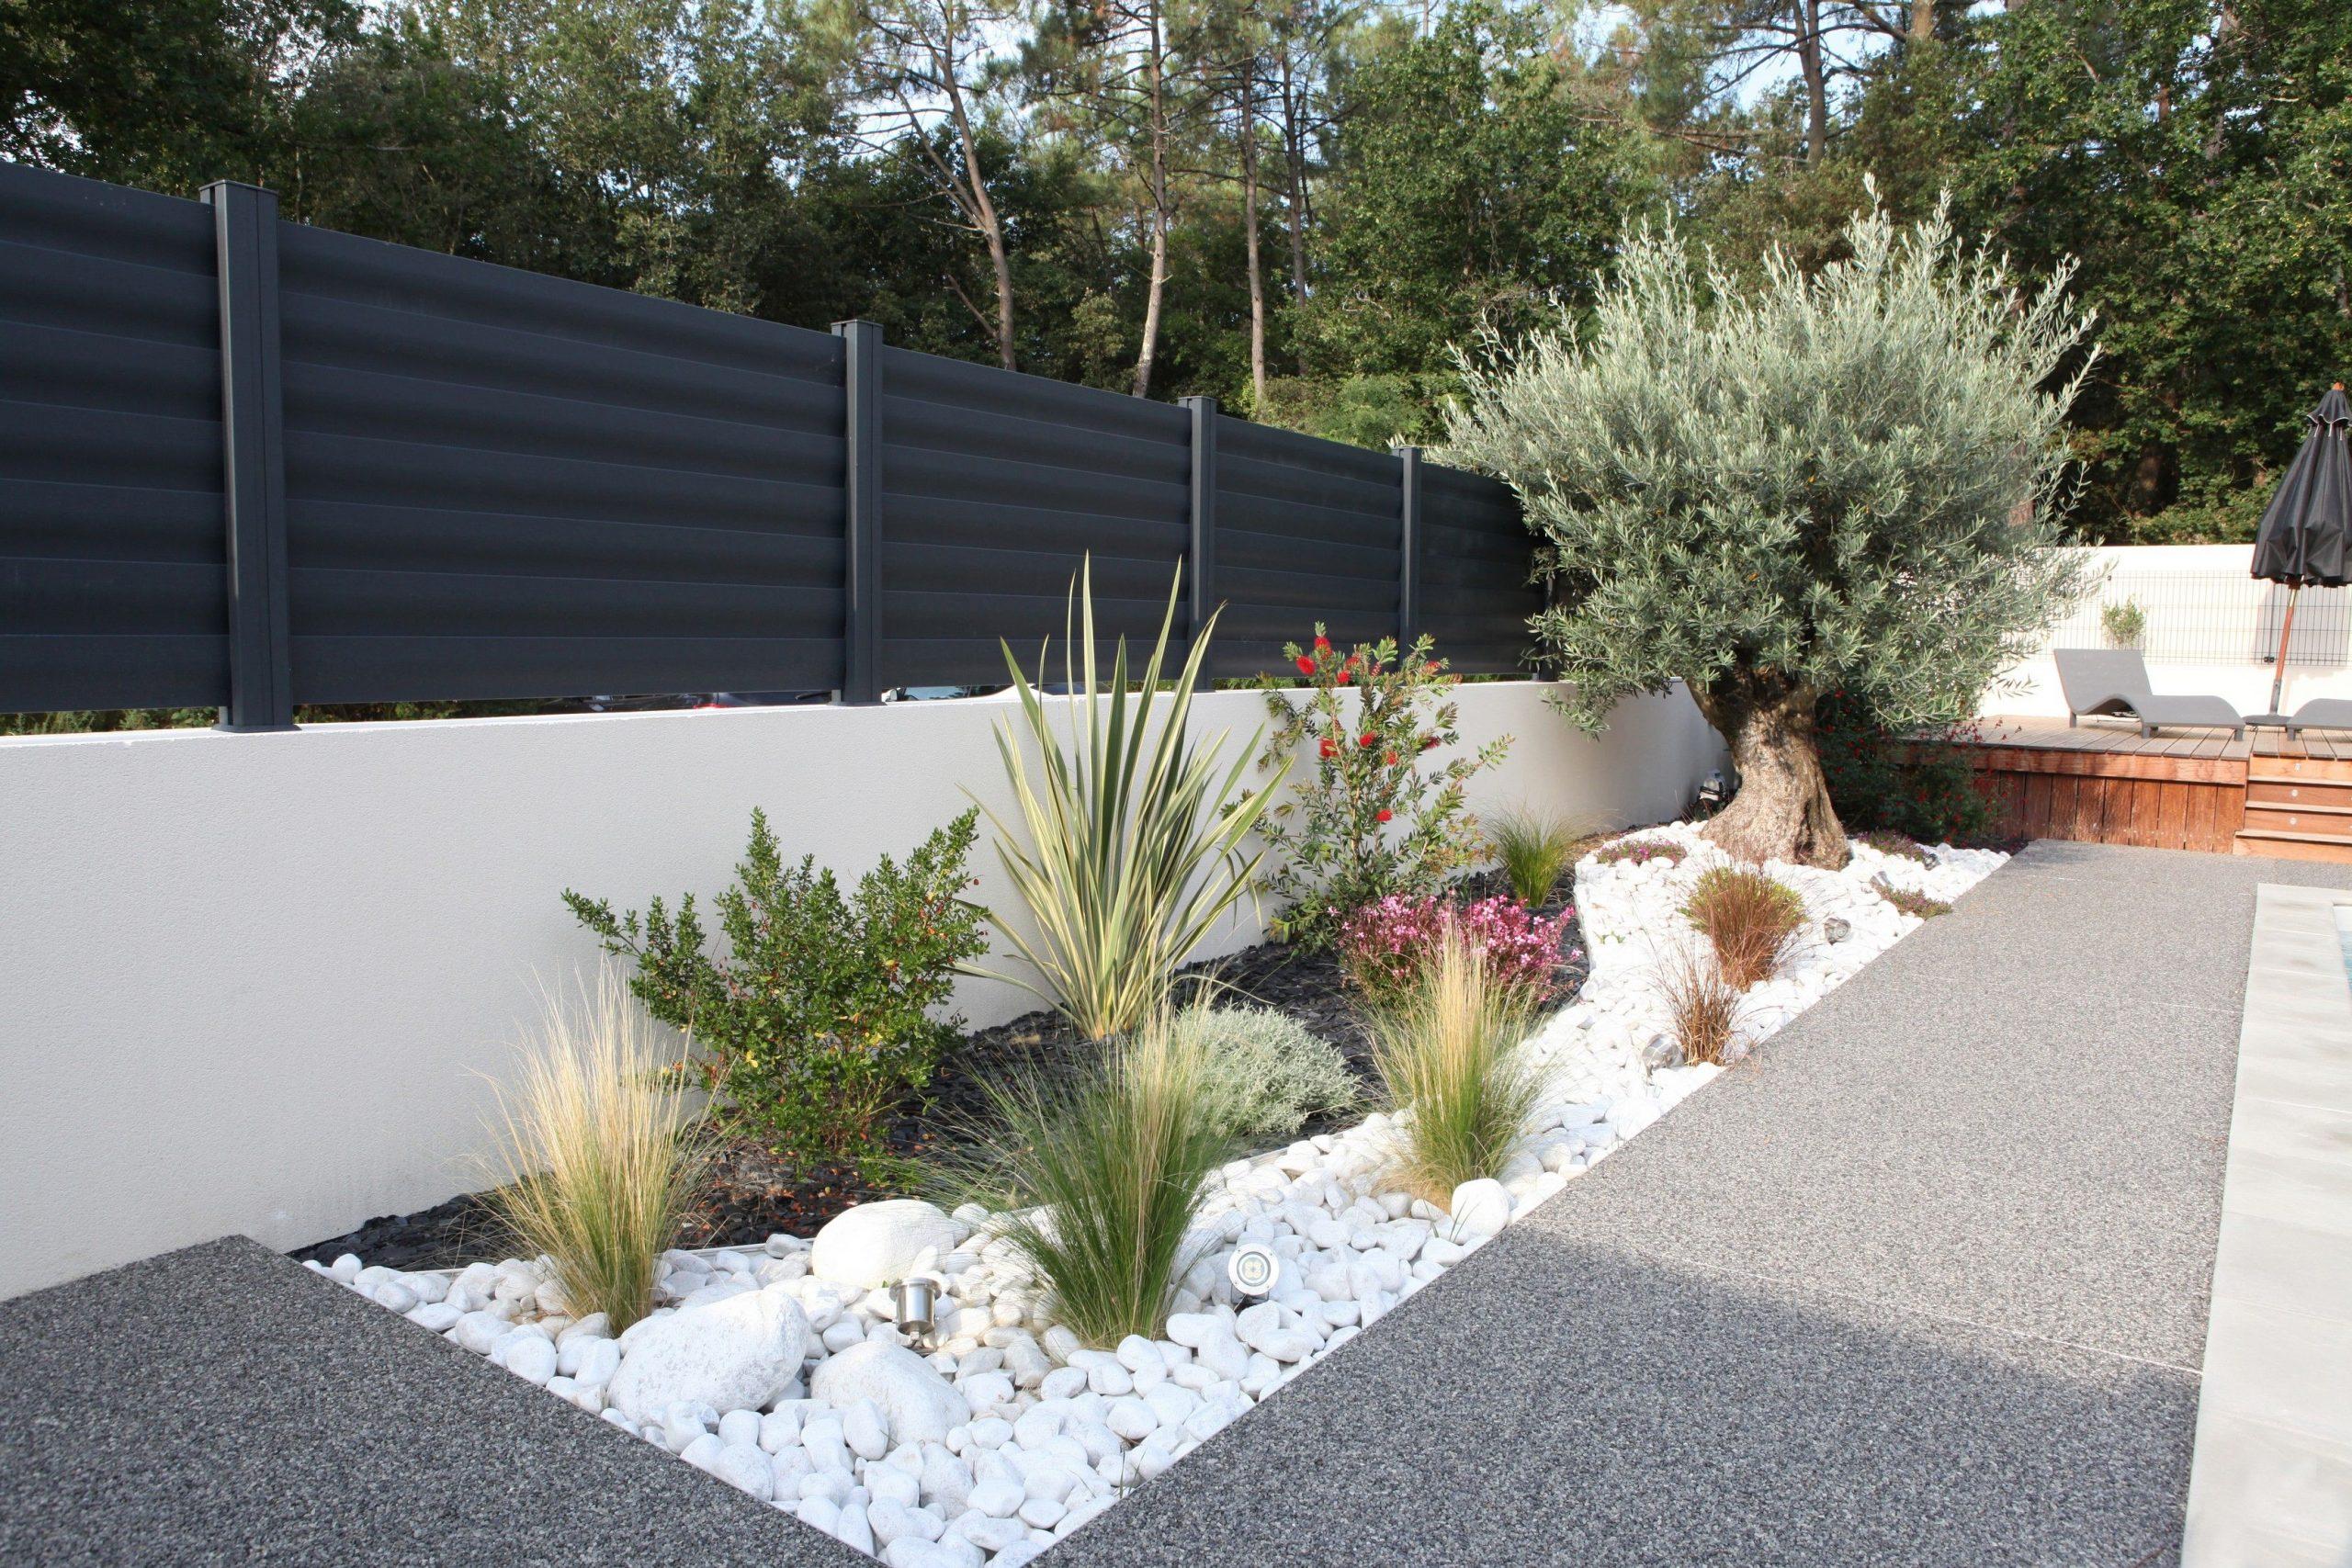 Clôtures Aluminium Modèle Brise Vue #menuiserie #cloturel ... destiné Clotures De Jardin